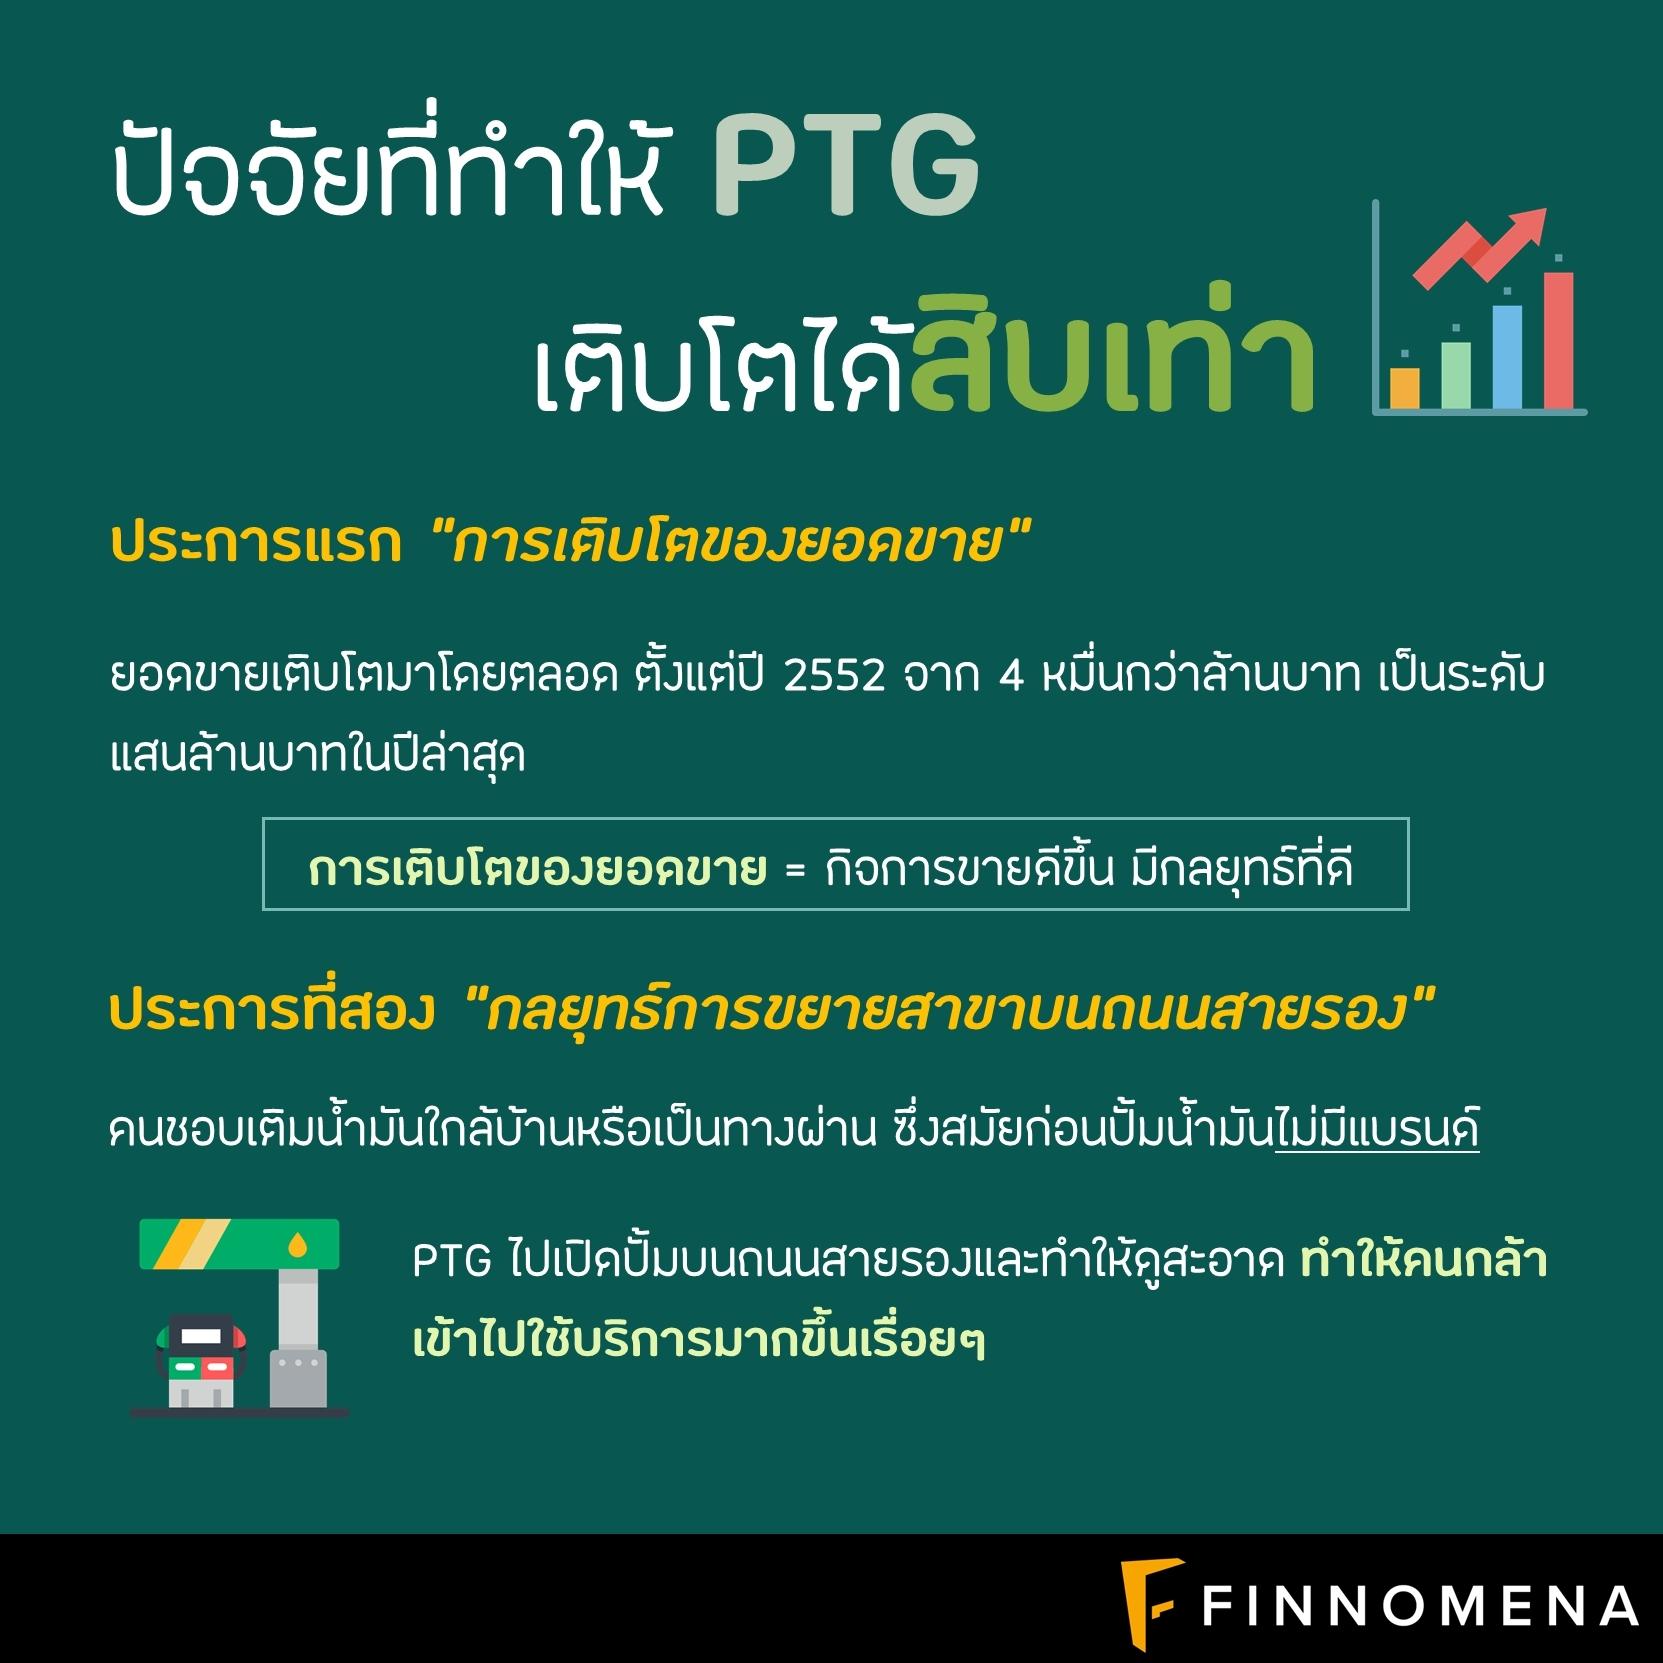 """#เปิดสูตรวีไอพลิกกำไรให้ยั่งยืน ... """"ทำไม PTG จึงเป็นหุ้นที่โต 10 เท่าใน 5 ปี"""""""